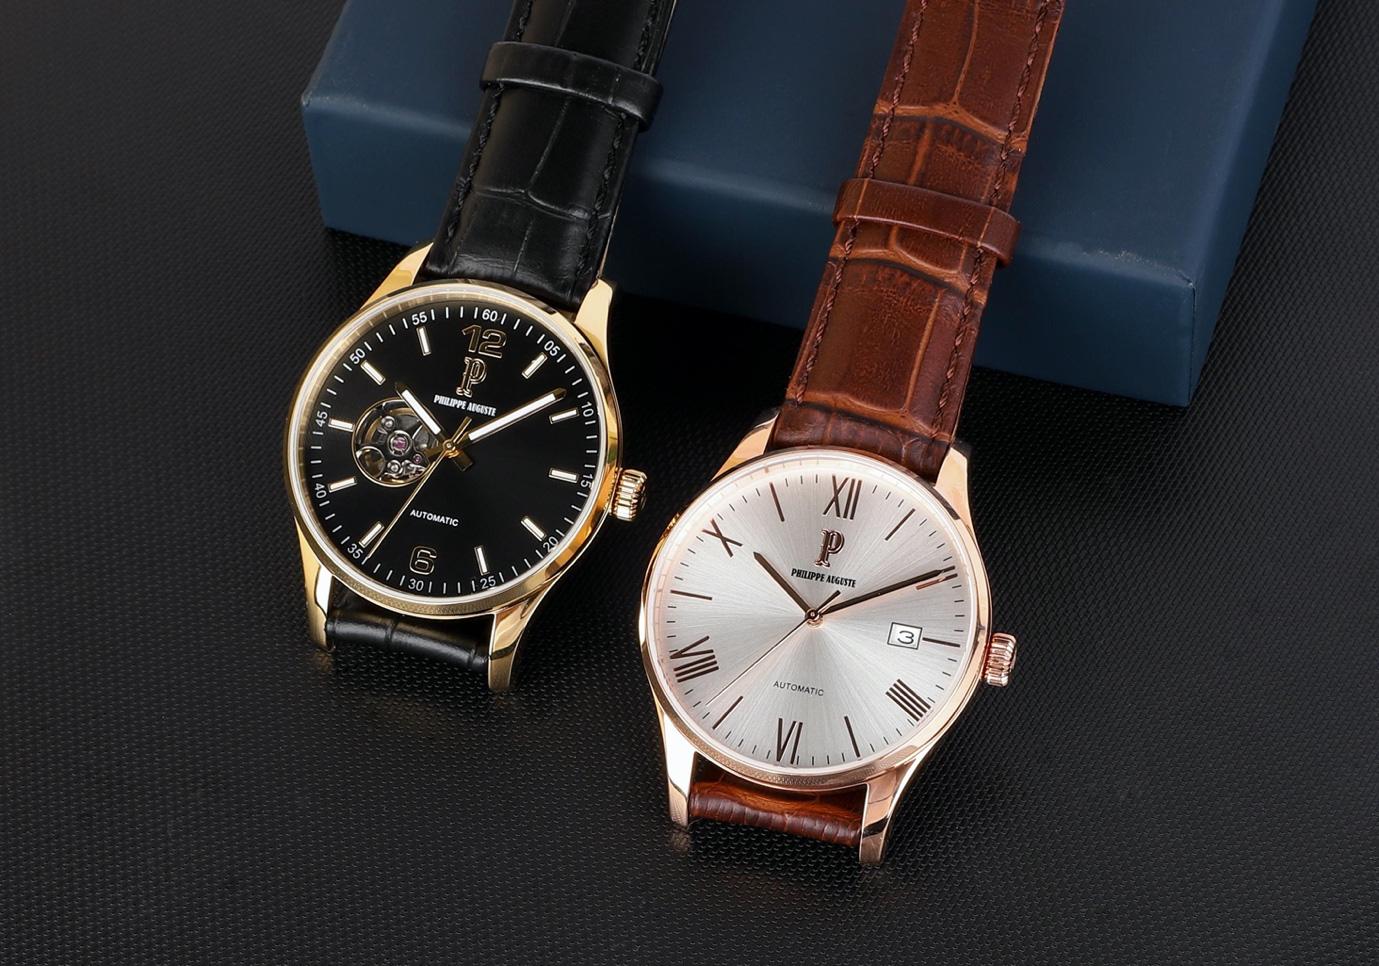 Mua đồng hồ Citizen ở đâu giá rẻ? Đăng Quang Watch còn rẻ hơn với ưu đãi lên đến 40% - Ảnh 4.